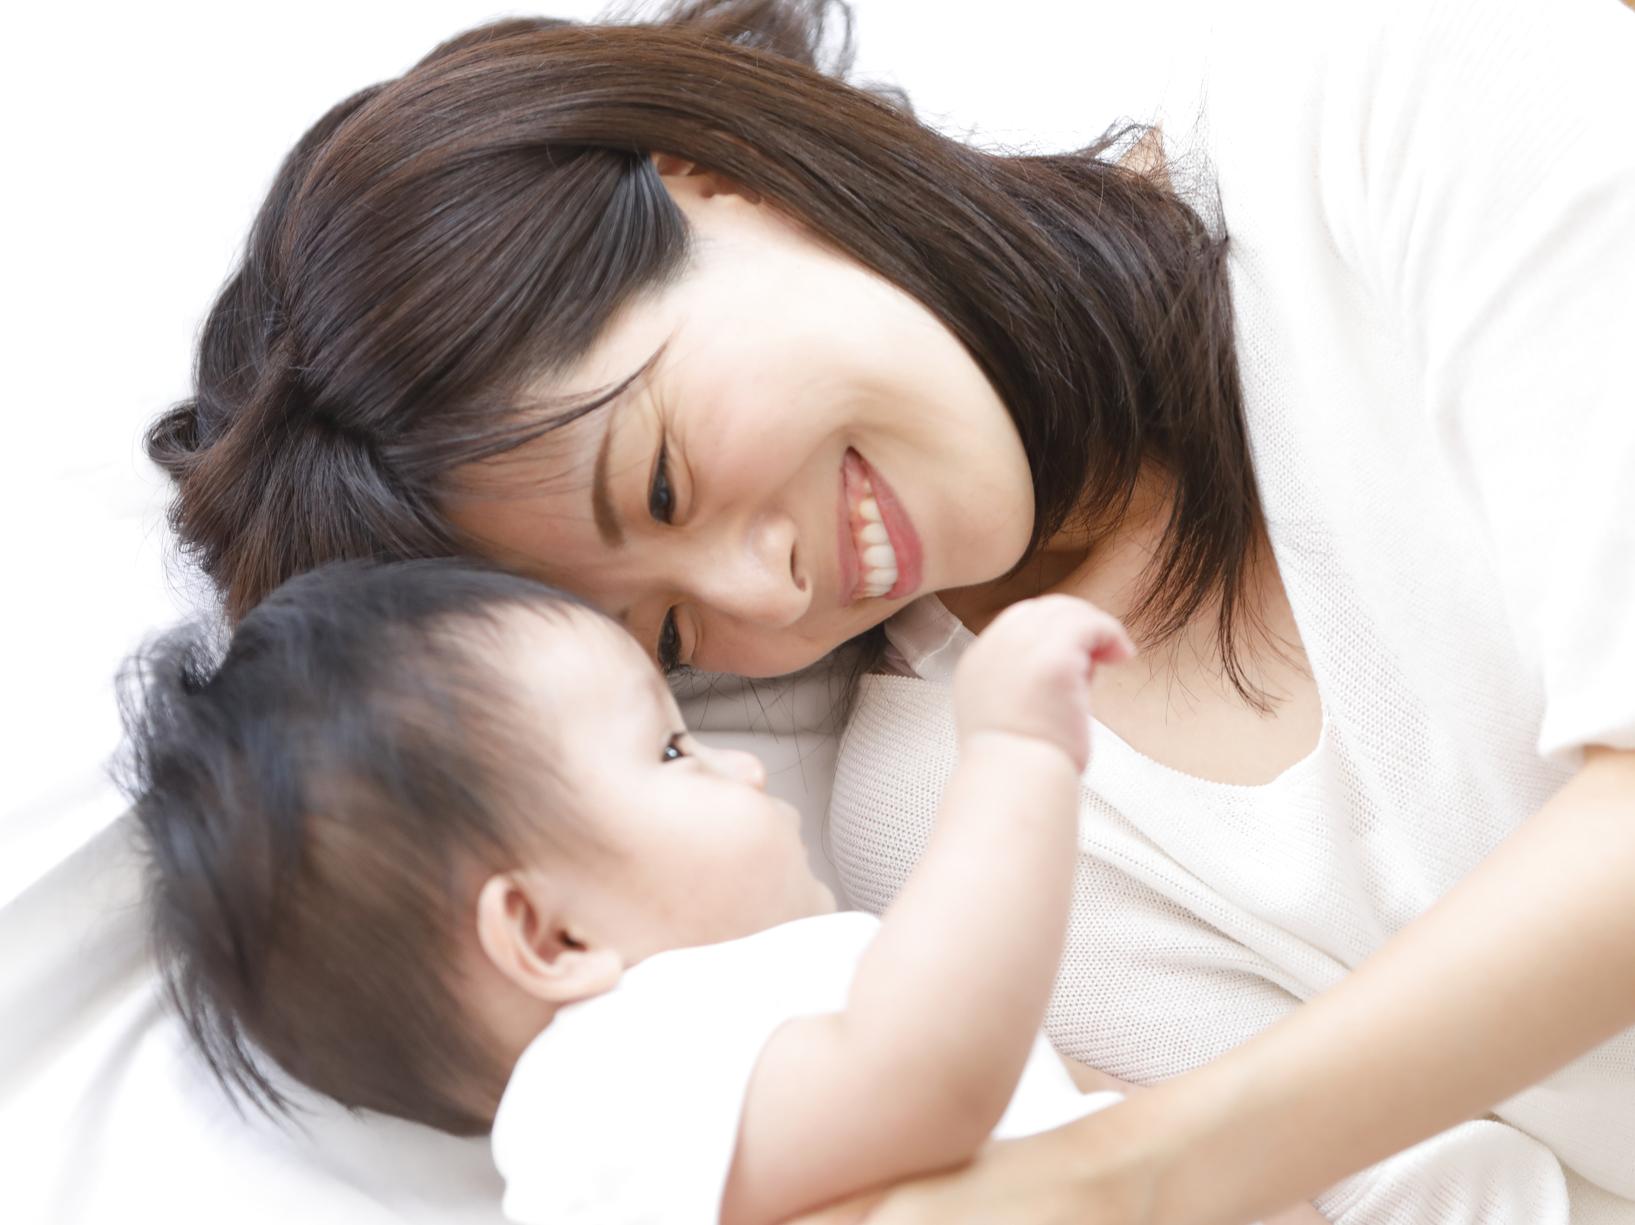 発達障害の赤ちゃんの特徴|手がかからない?いつわかる?【医師監修】